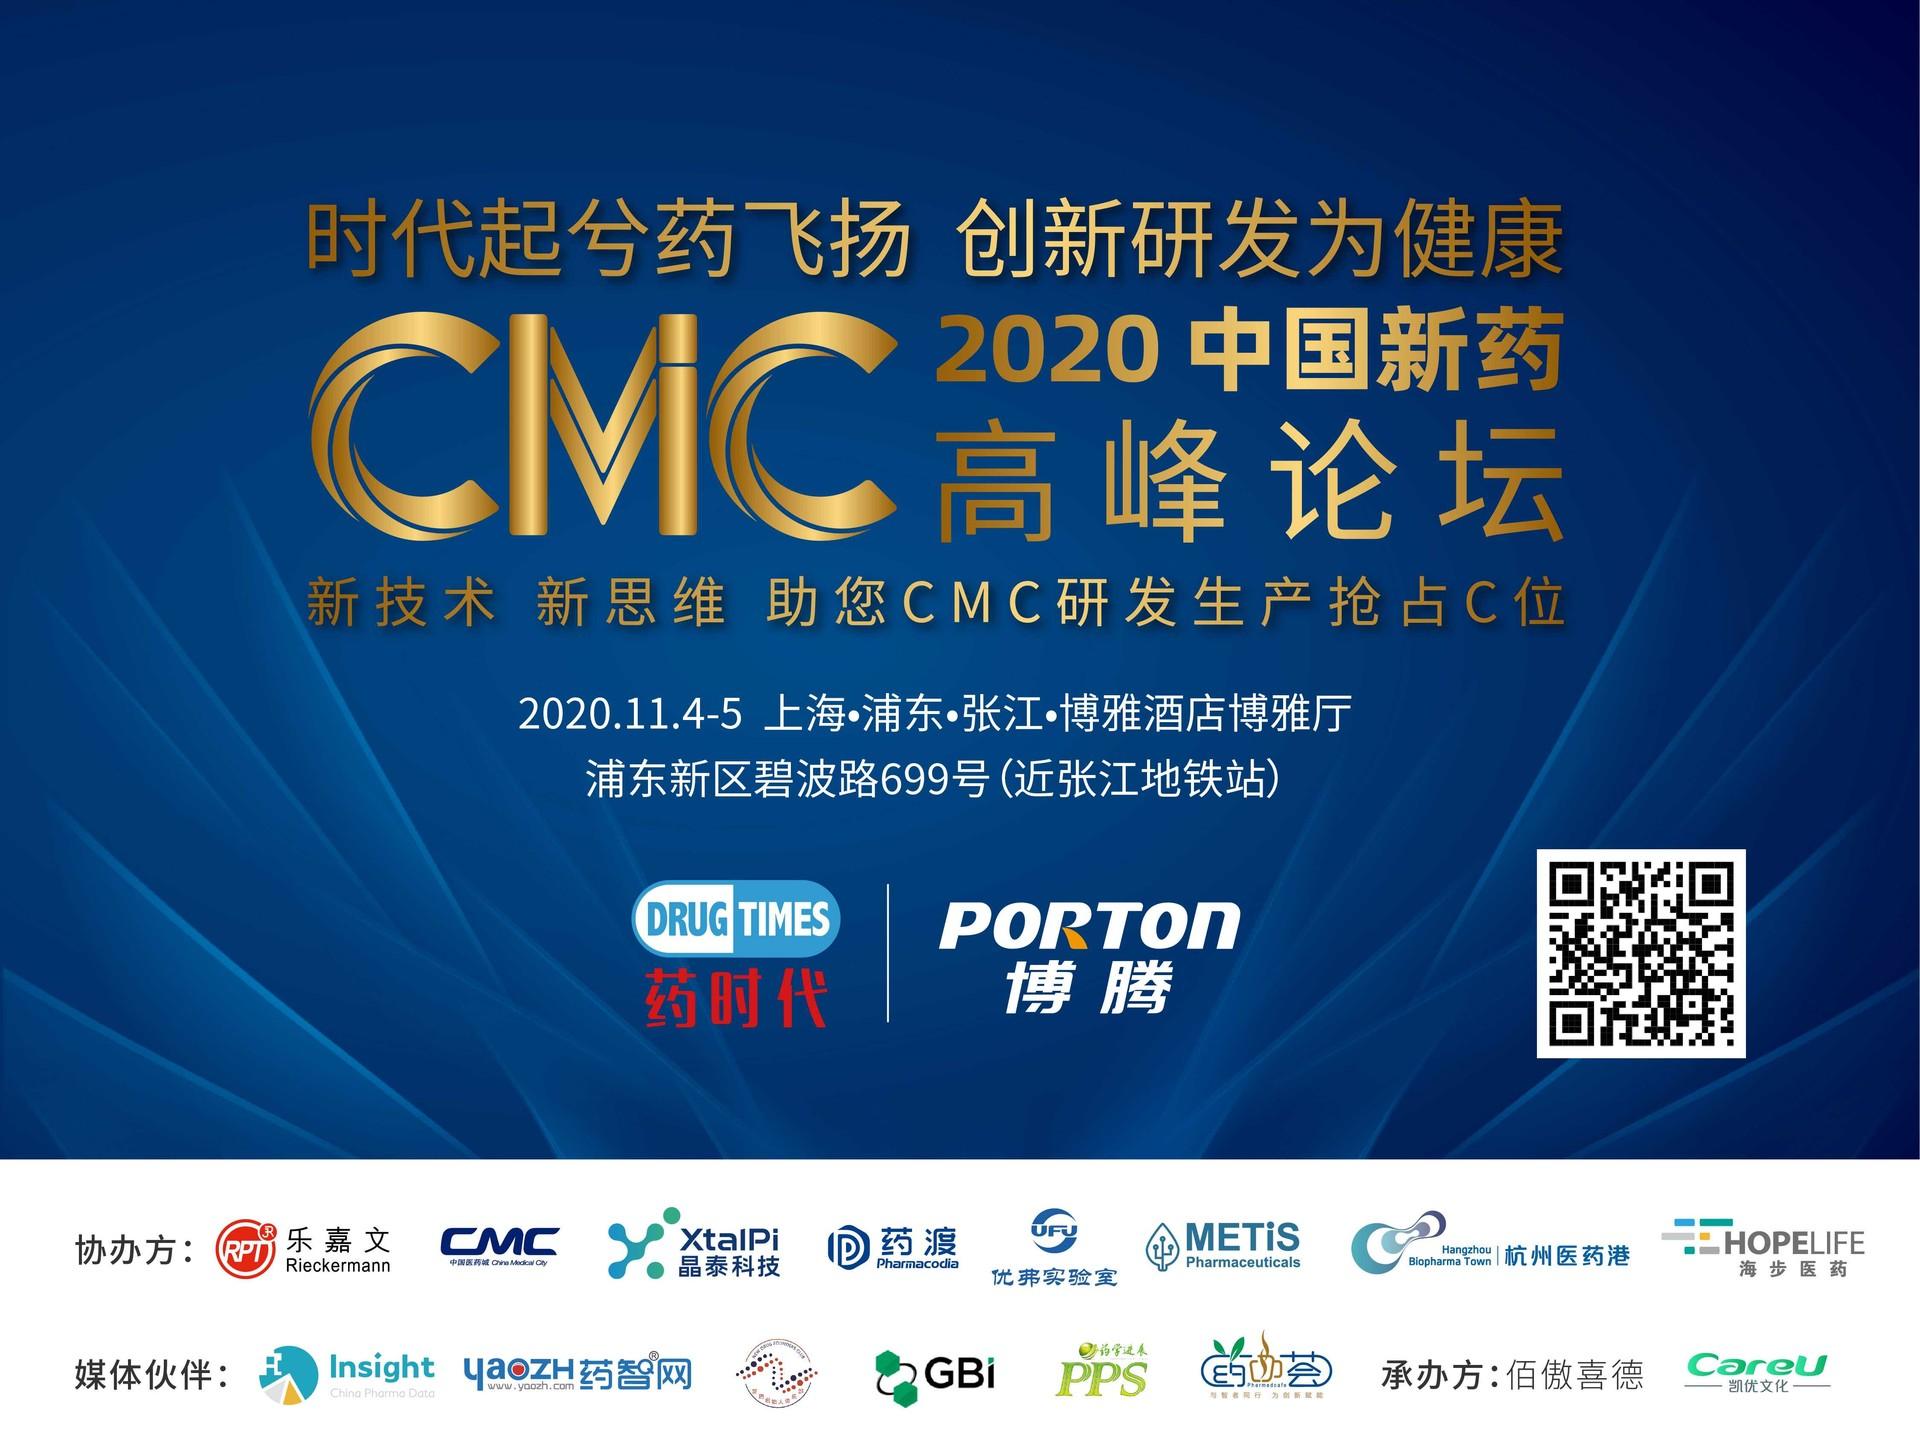 时代起兮药飞扬,创新研发为健康!——2020中国新药CMC高峰论坛